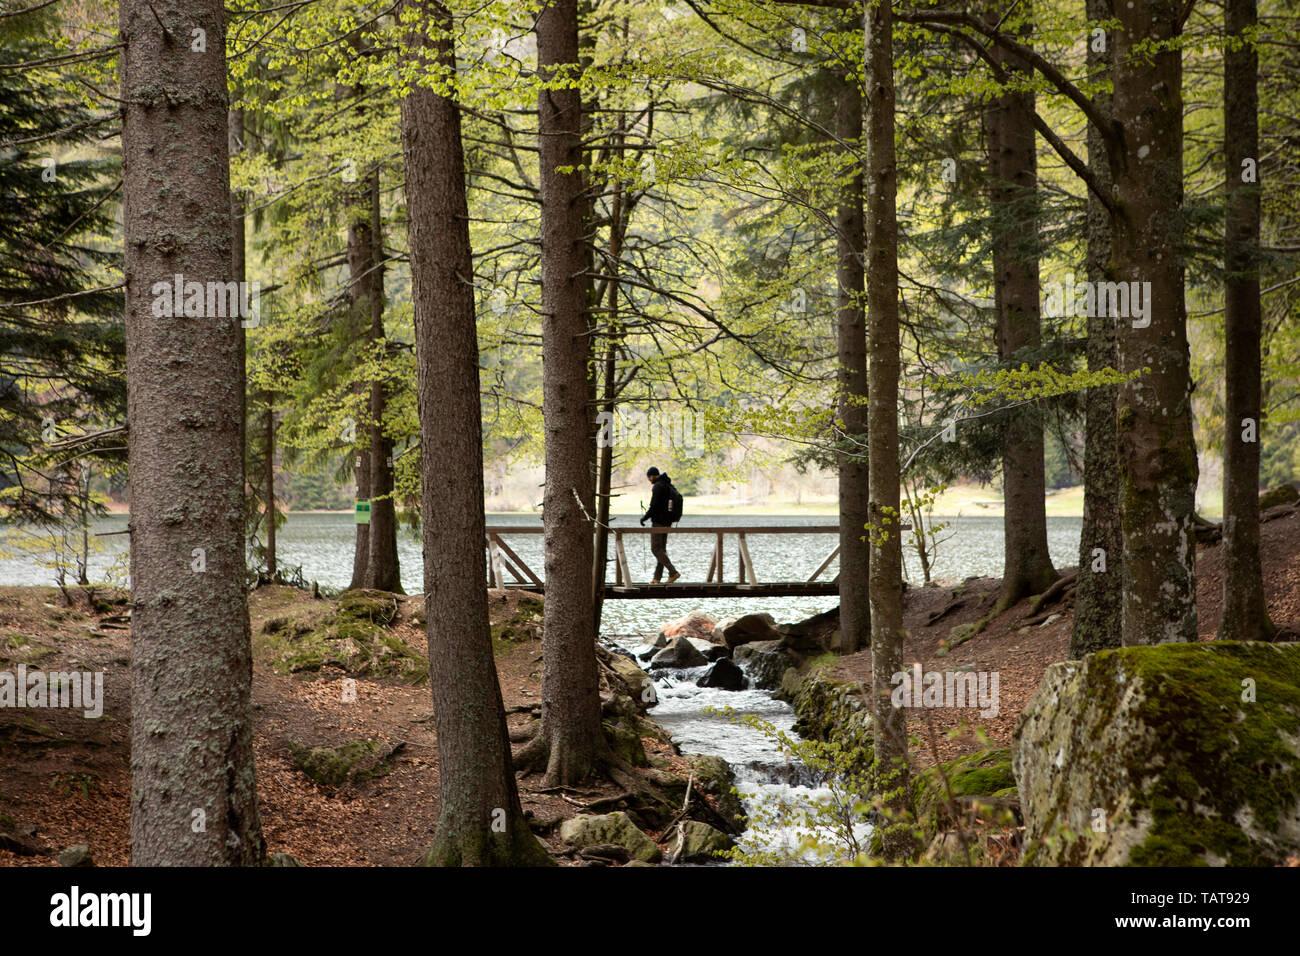 Dunkle Silhouette der Menschen auf dem Weg durch das hölzerne Brücke im Wald. Bergsee, stream. Wandern im Wald. Natur Park Wanderweg. Schwarzwald. Stockfoto